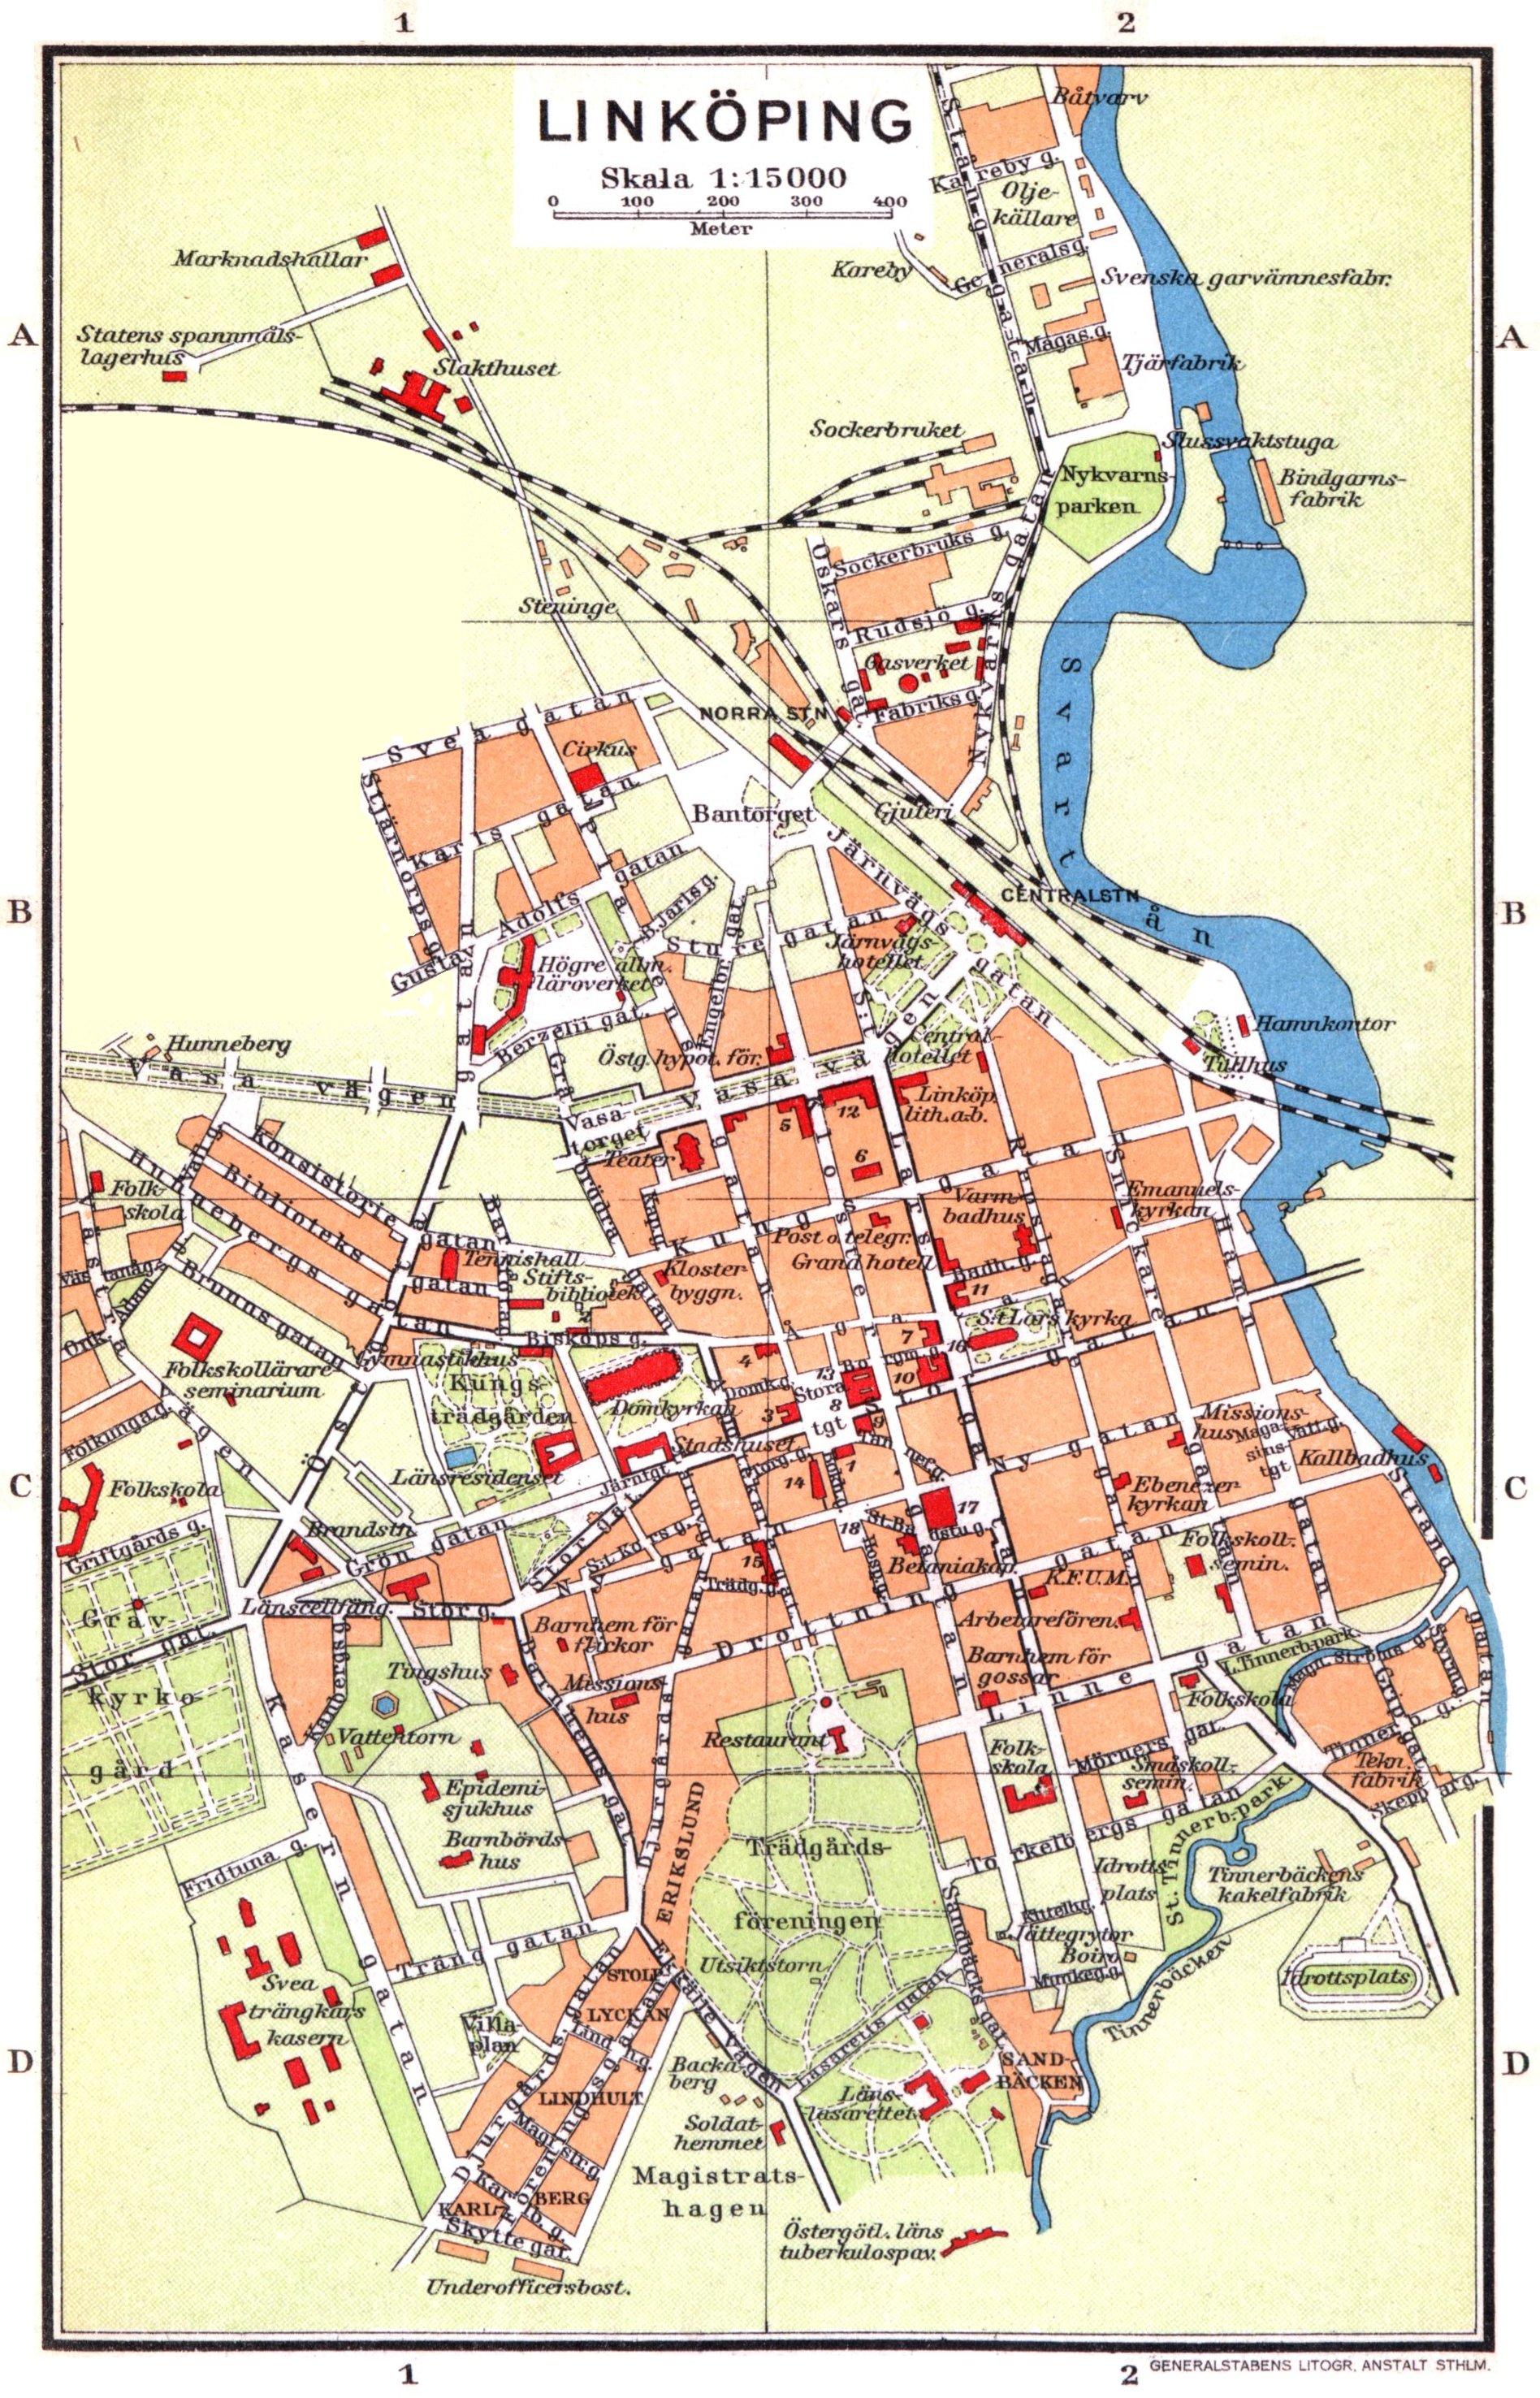 File:St Lars Kirche unam.net - Wikimedia Commons